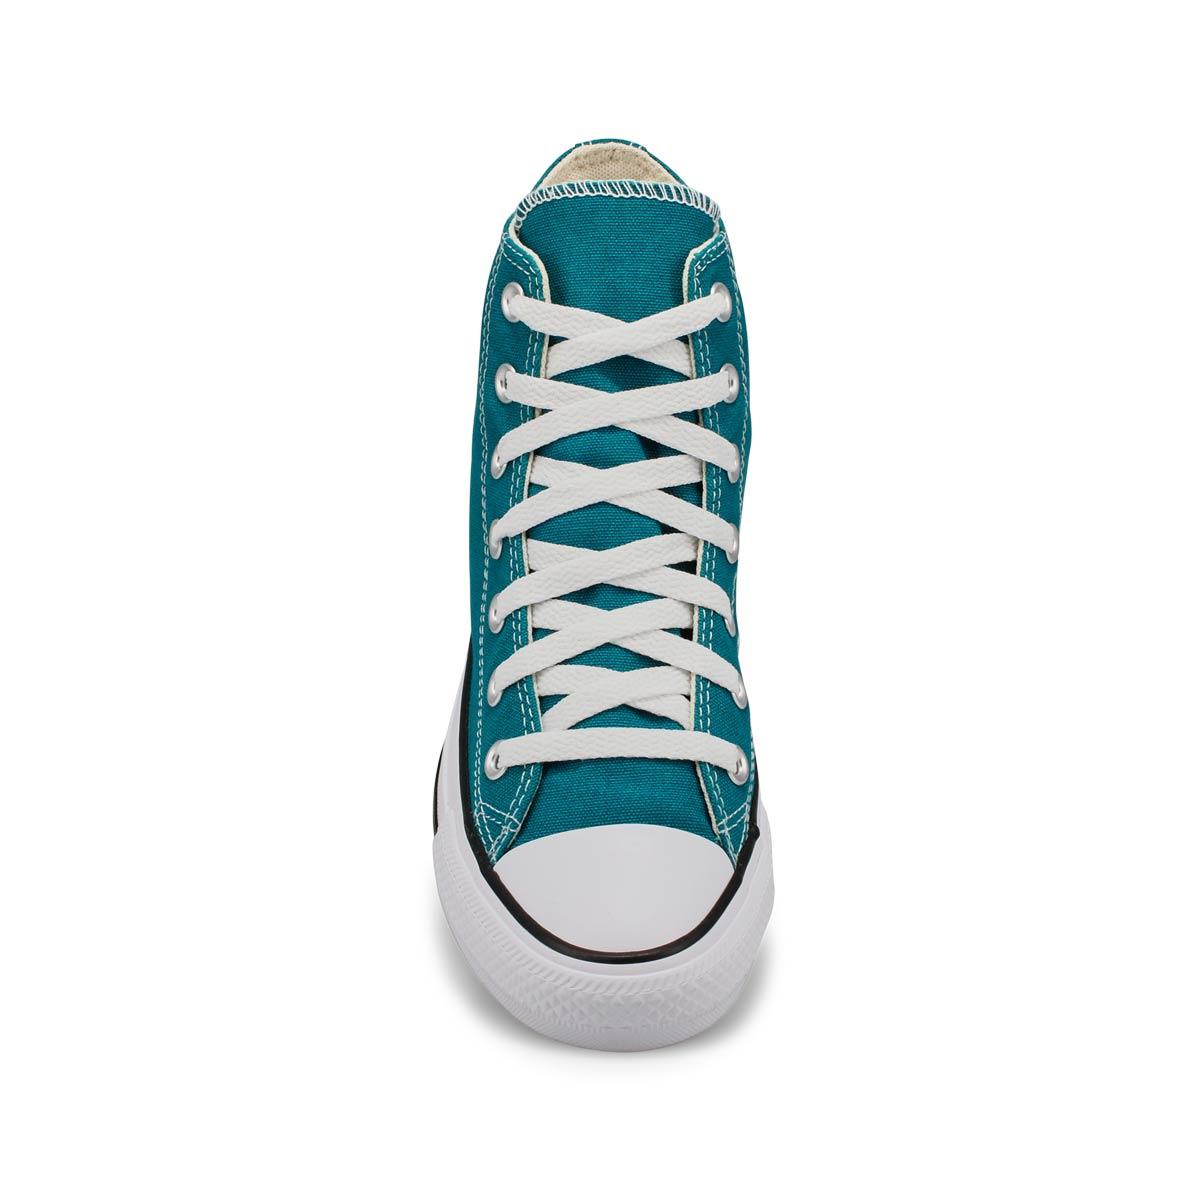 Women's All Star Seasonal Hi Sneaker- Brght Spruce